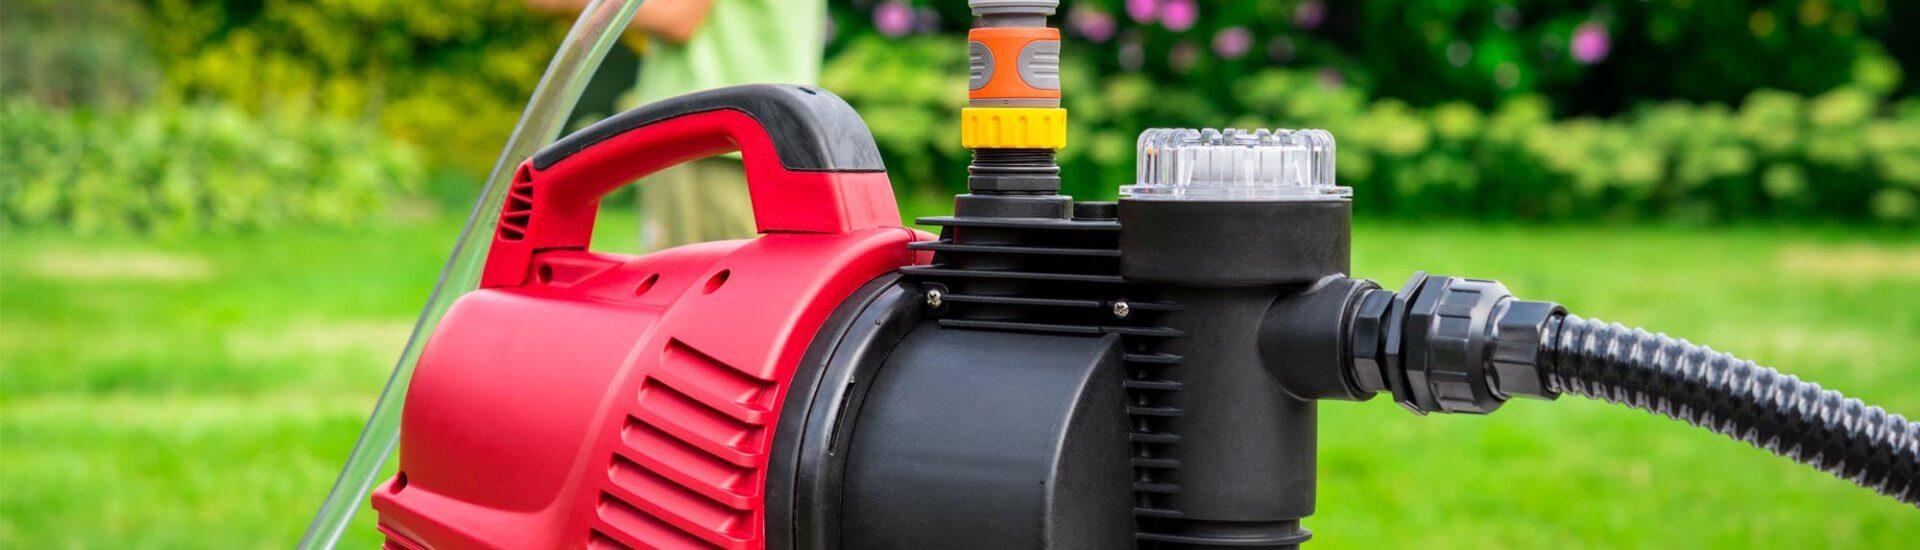 Gartenpumpe mit Druckschalter: Top 3 Modelle im Vergleich & Ratgeber